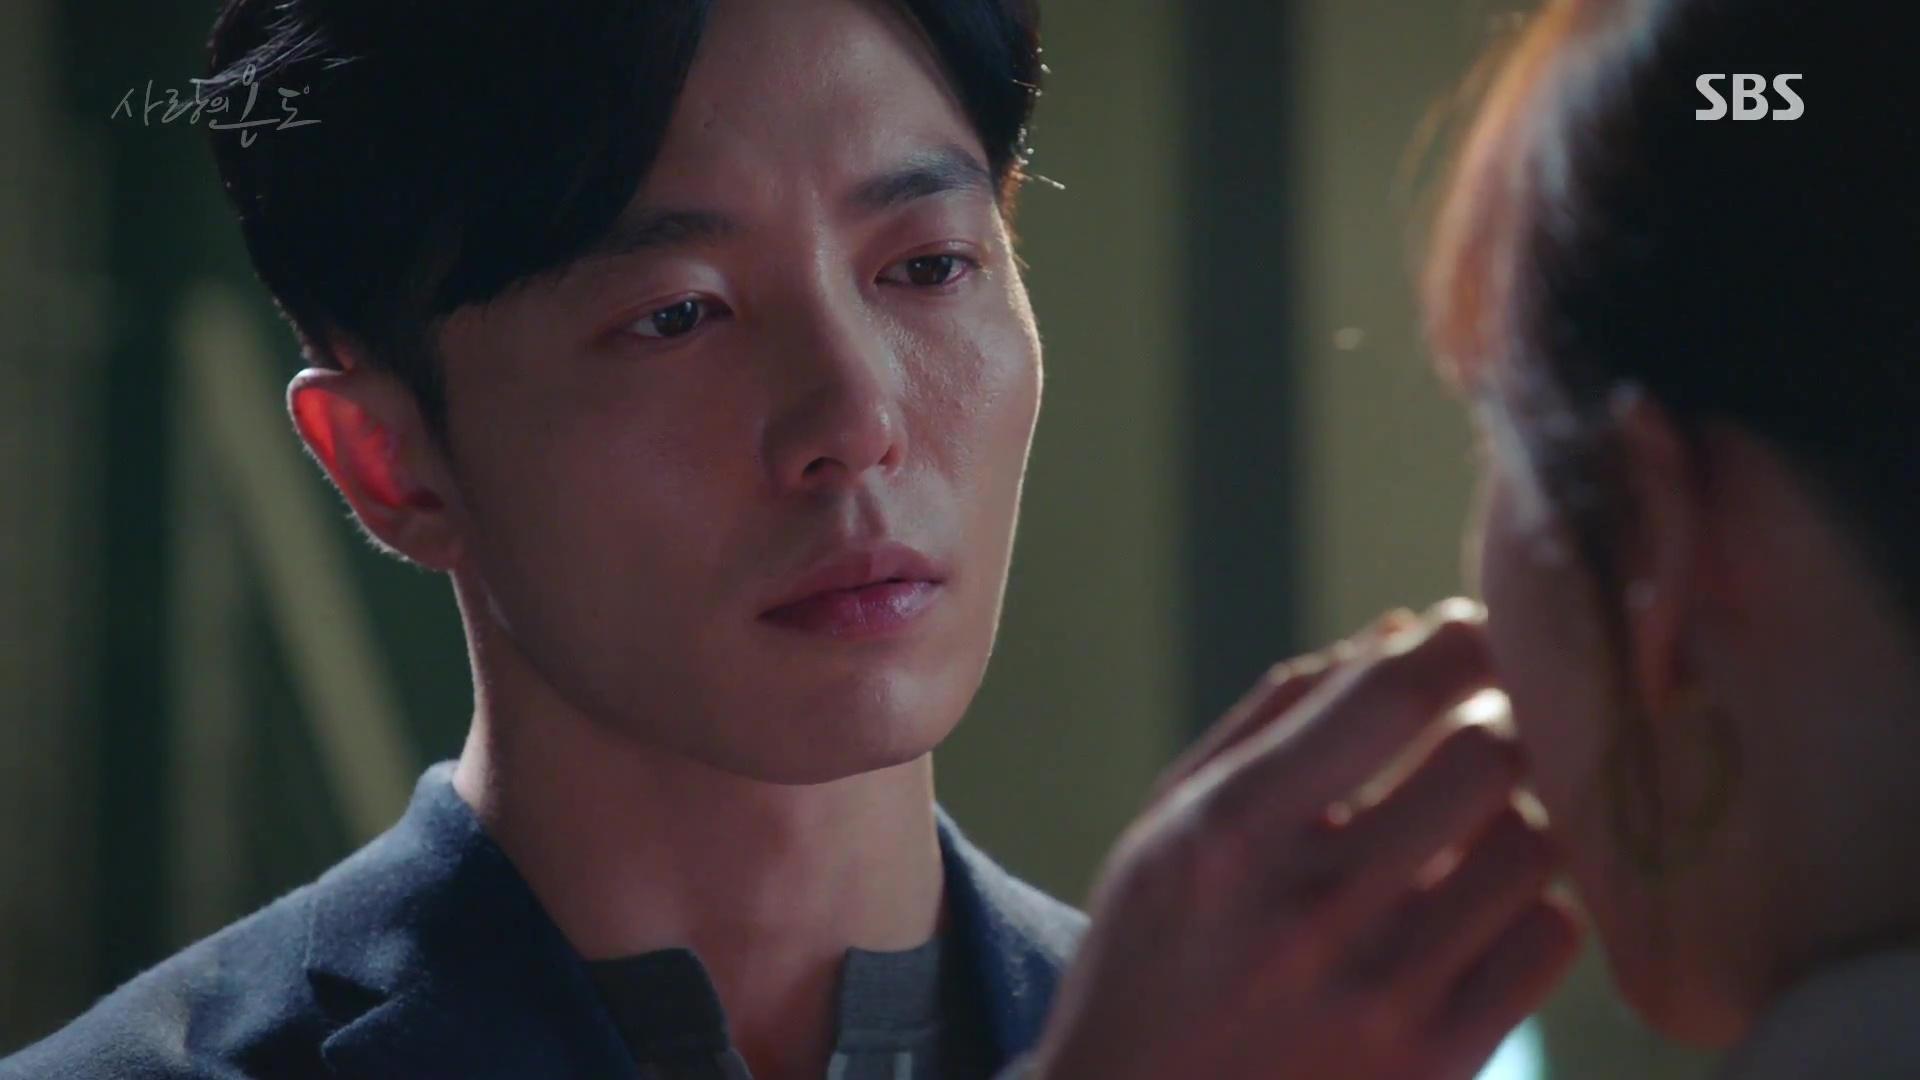 Bị nam chính bơ đẹp, yêu nữ số 1 Hàn Quốc nuốt không nổi cơm, quyết phục thù - Ảnh 23.